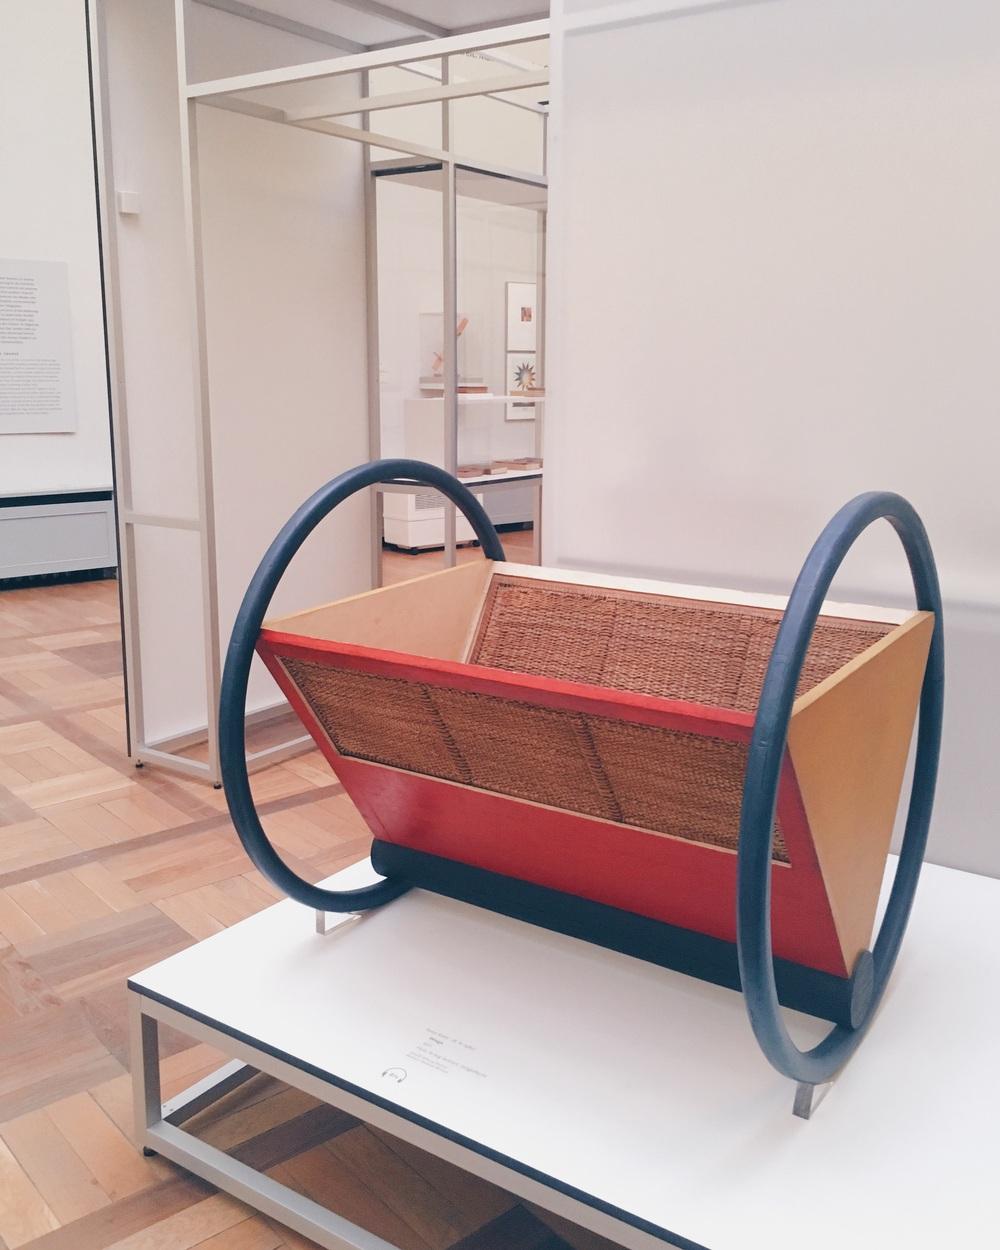 Vagga av Peter Keller 1922, på Bauhausmuseet i Weimar sommaren 2016.